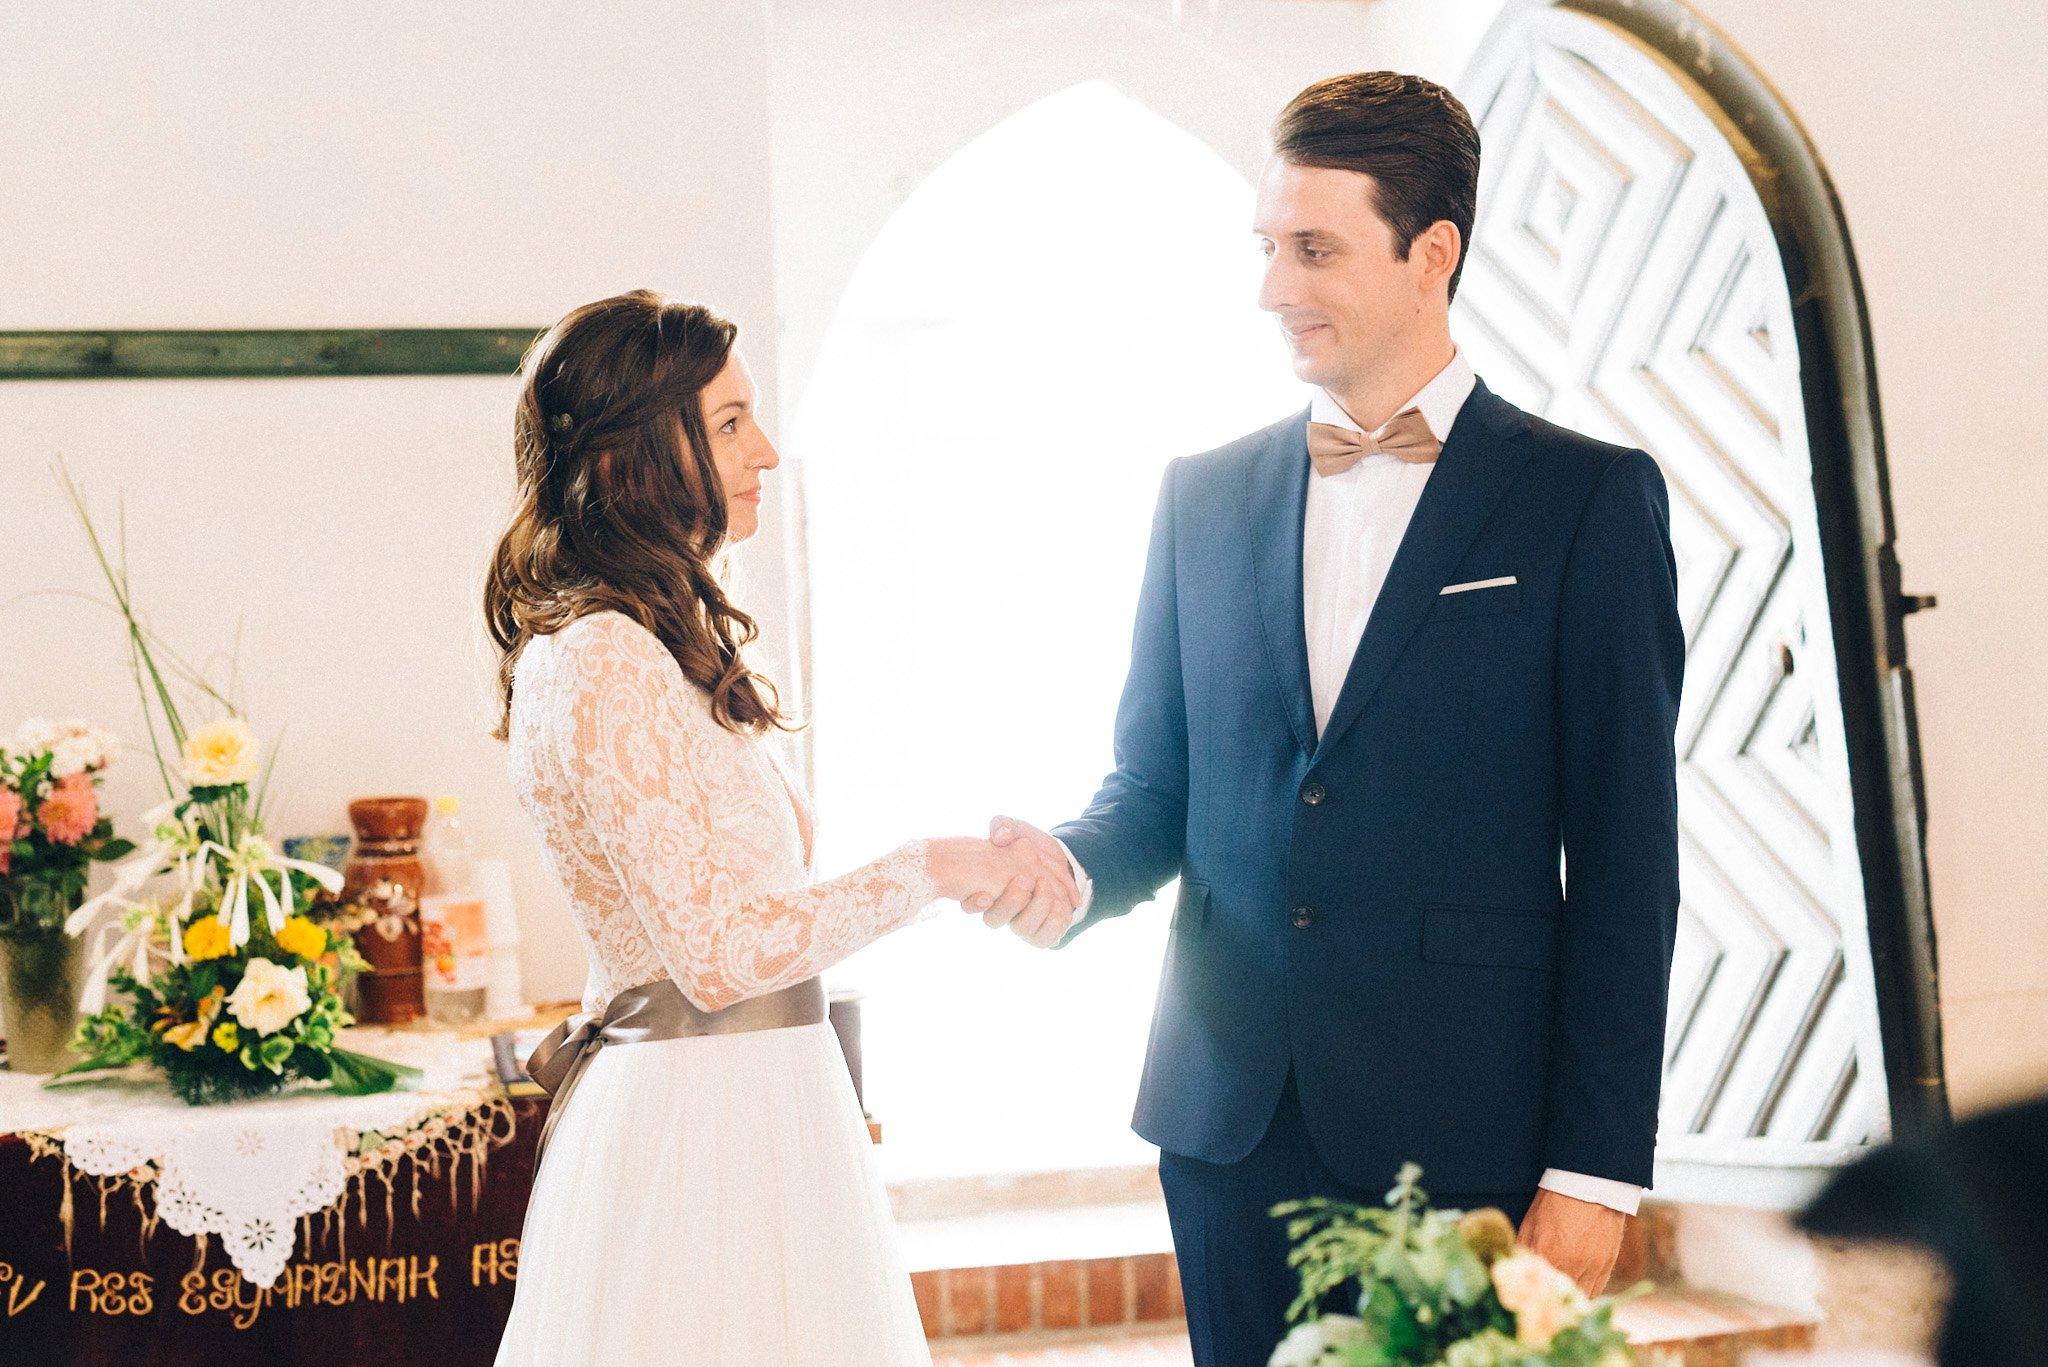 49-hungary-wedding-photography-rokolya